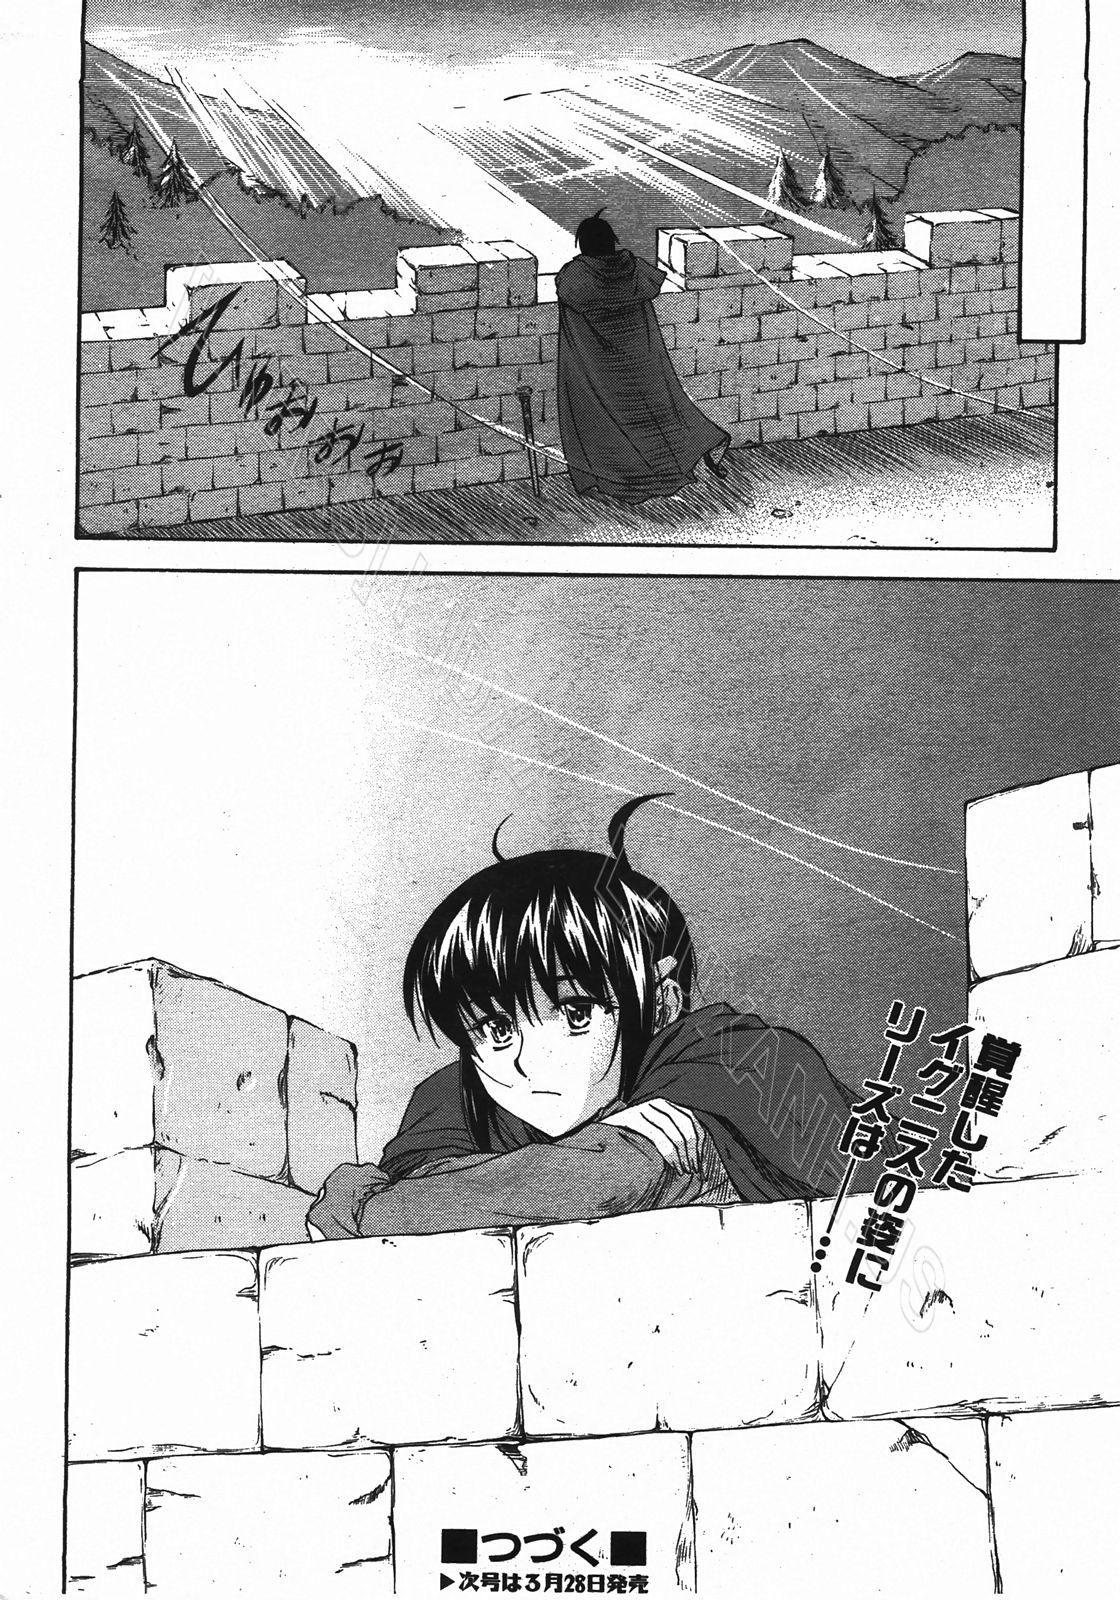 Hình ảnh Hinh_026 trong bài viết Truyện tranh hentai không che: Parabellum